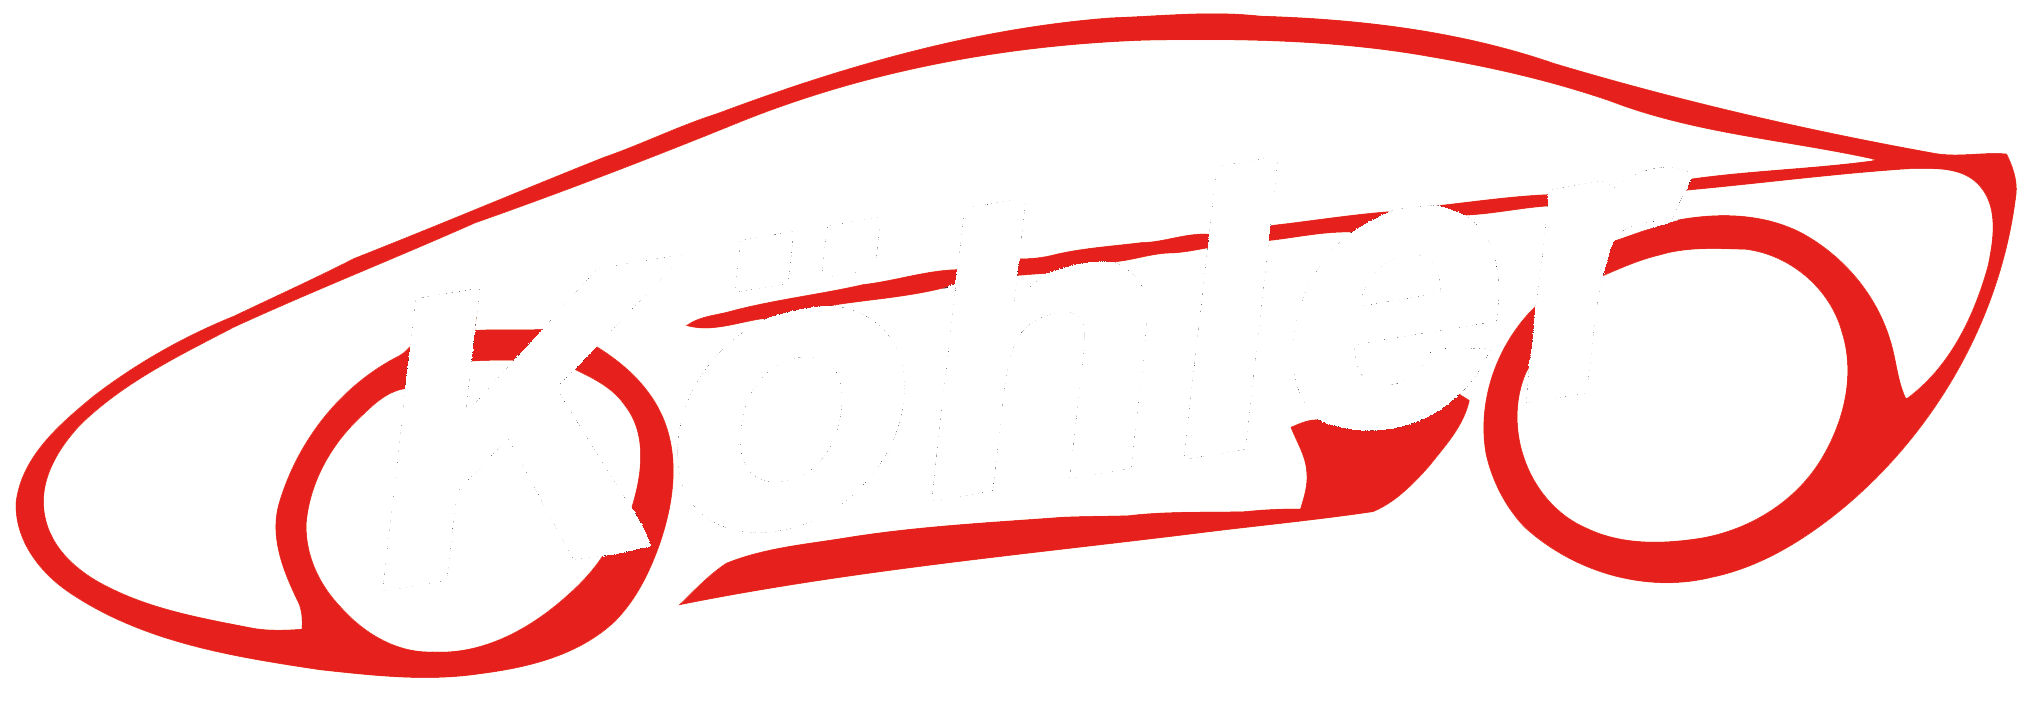 logo Kfz Werkstatt Autohaus Köhler Massenbach